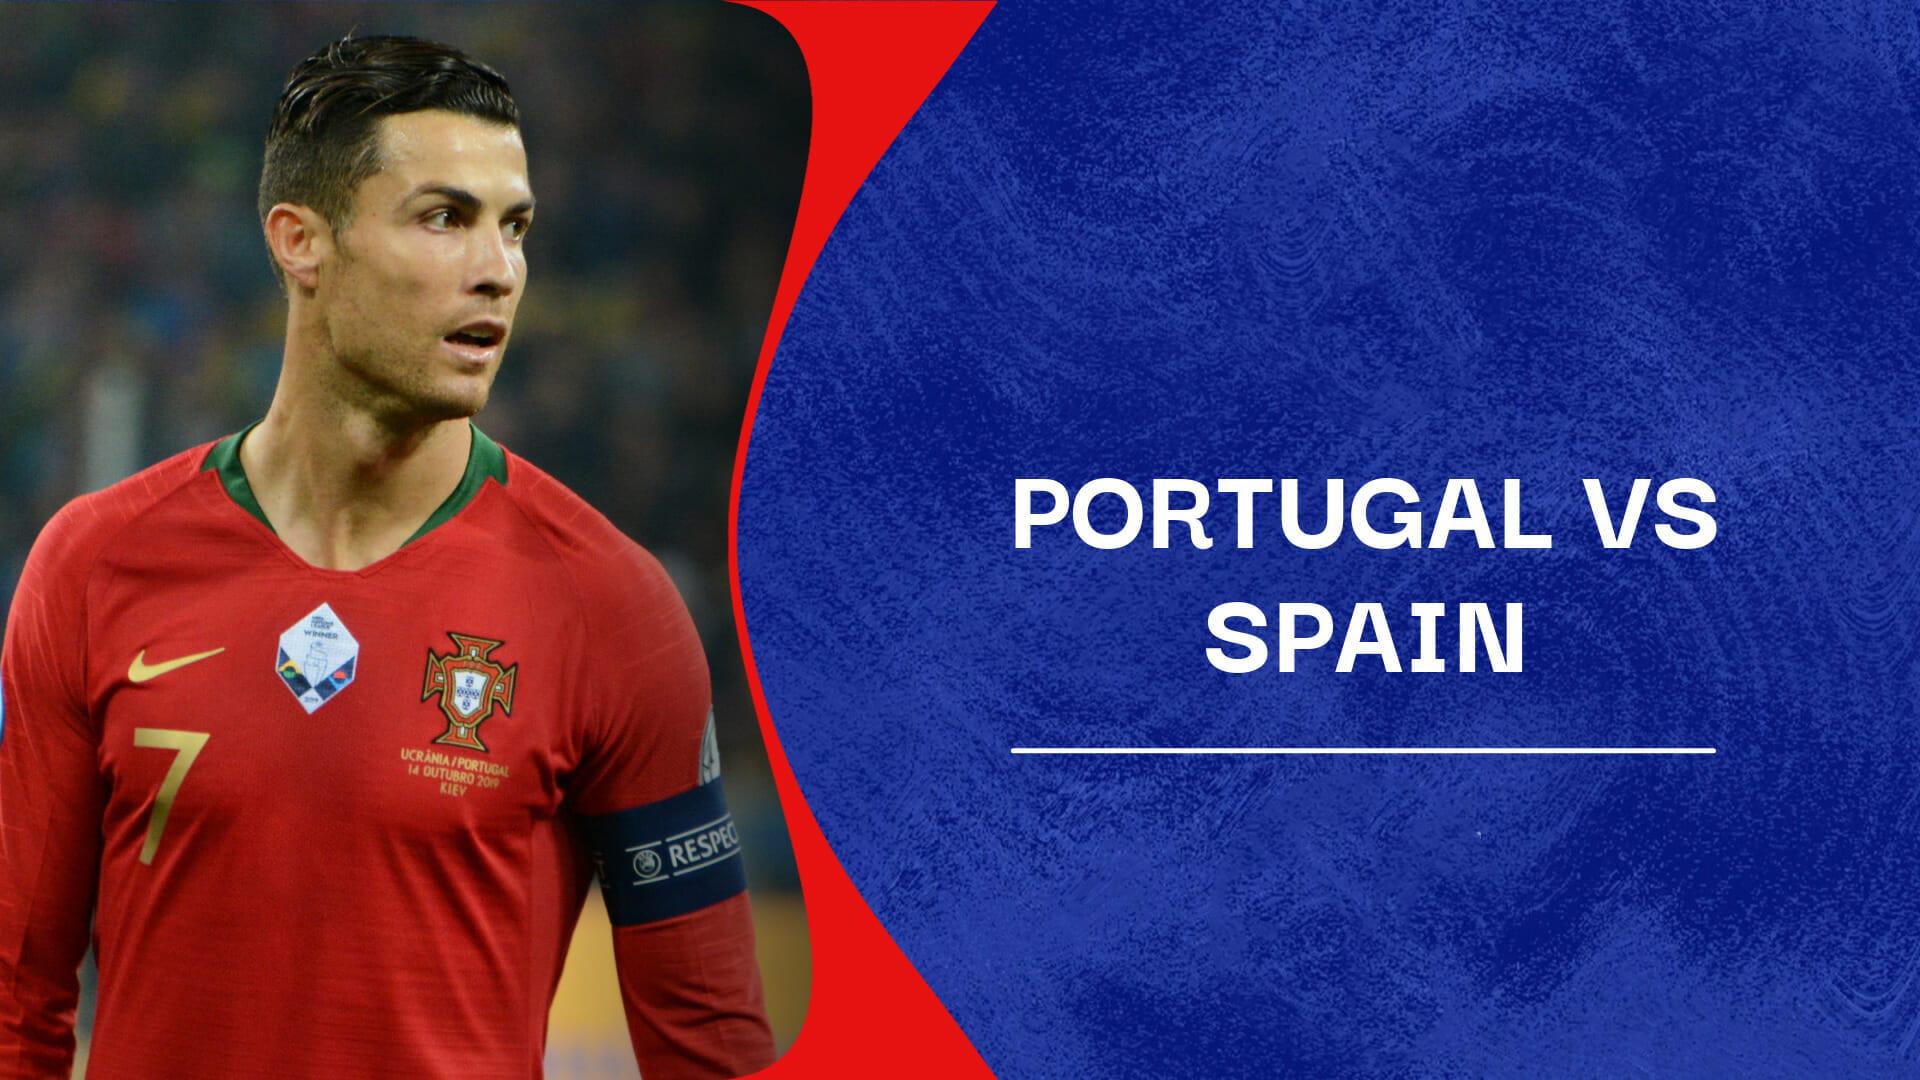 यूरोकप मैत्रीपूर्ण खेल: आज पोर्चुगल र स्पेन भिड्दै